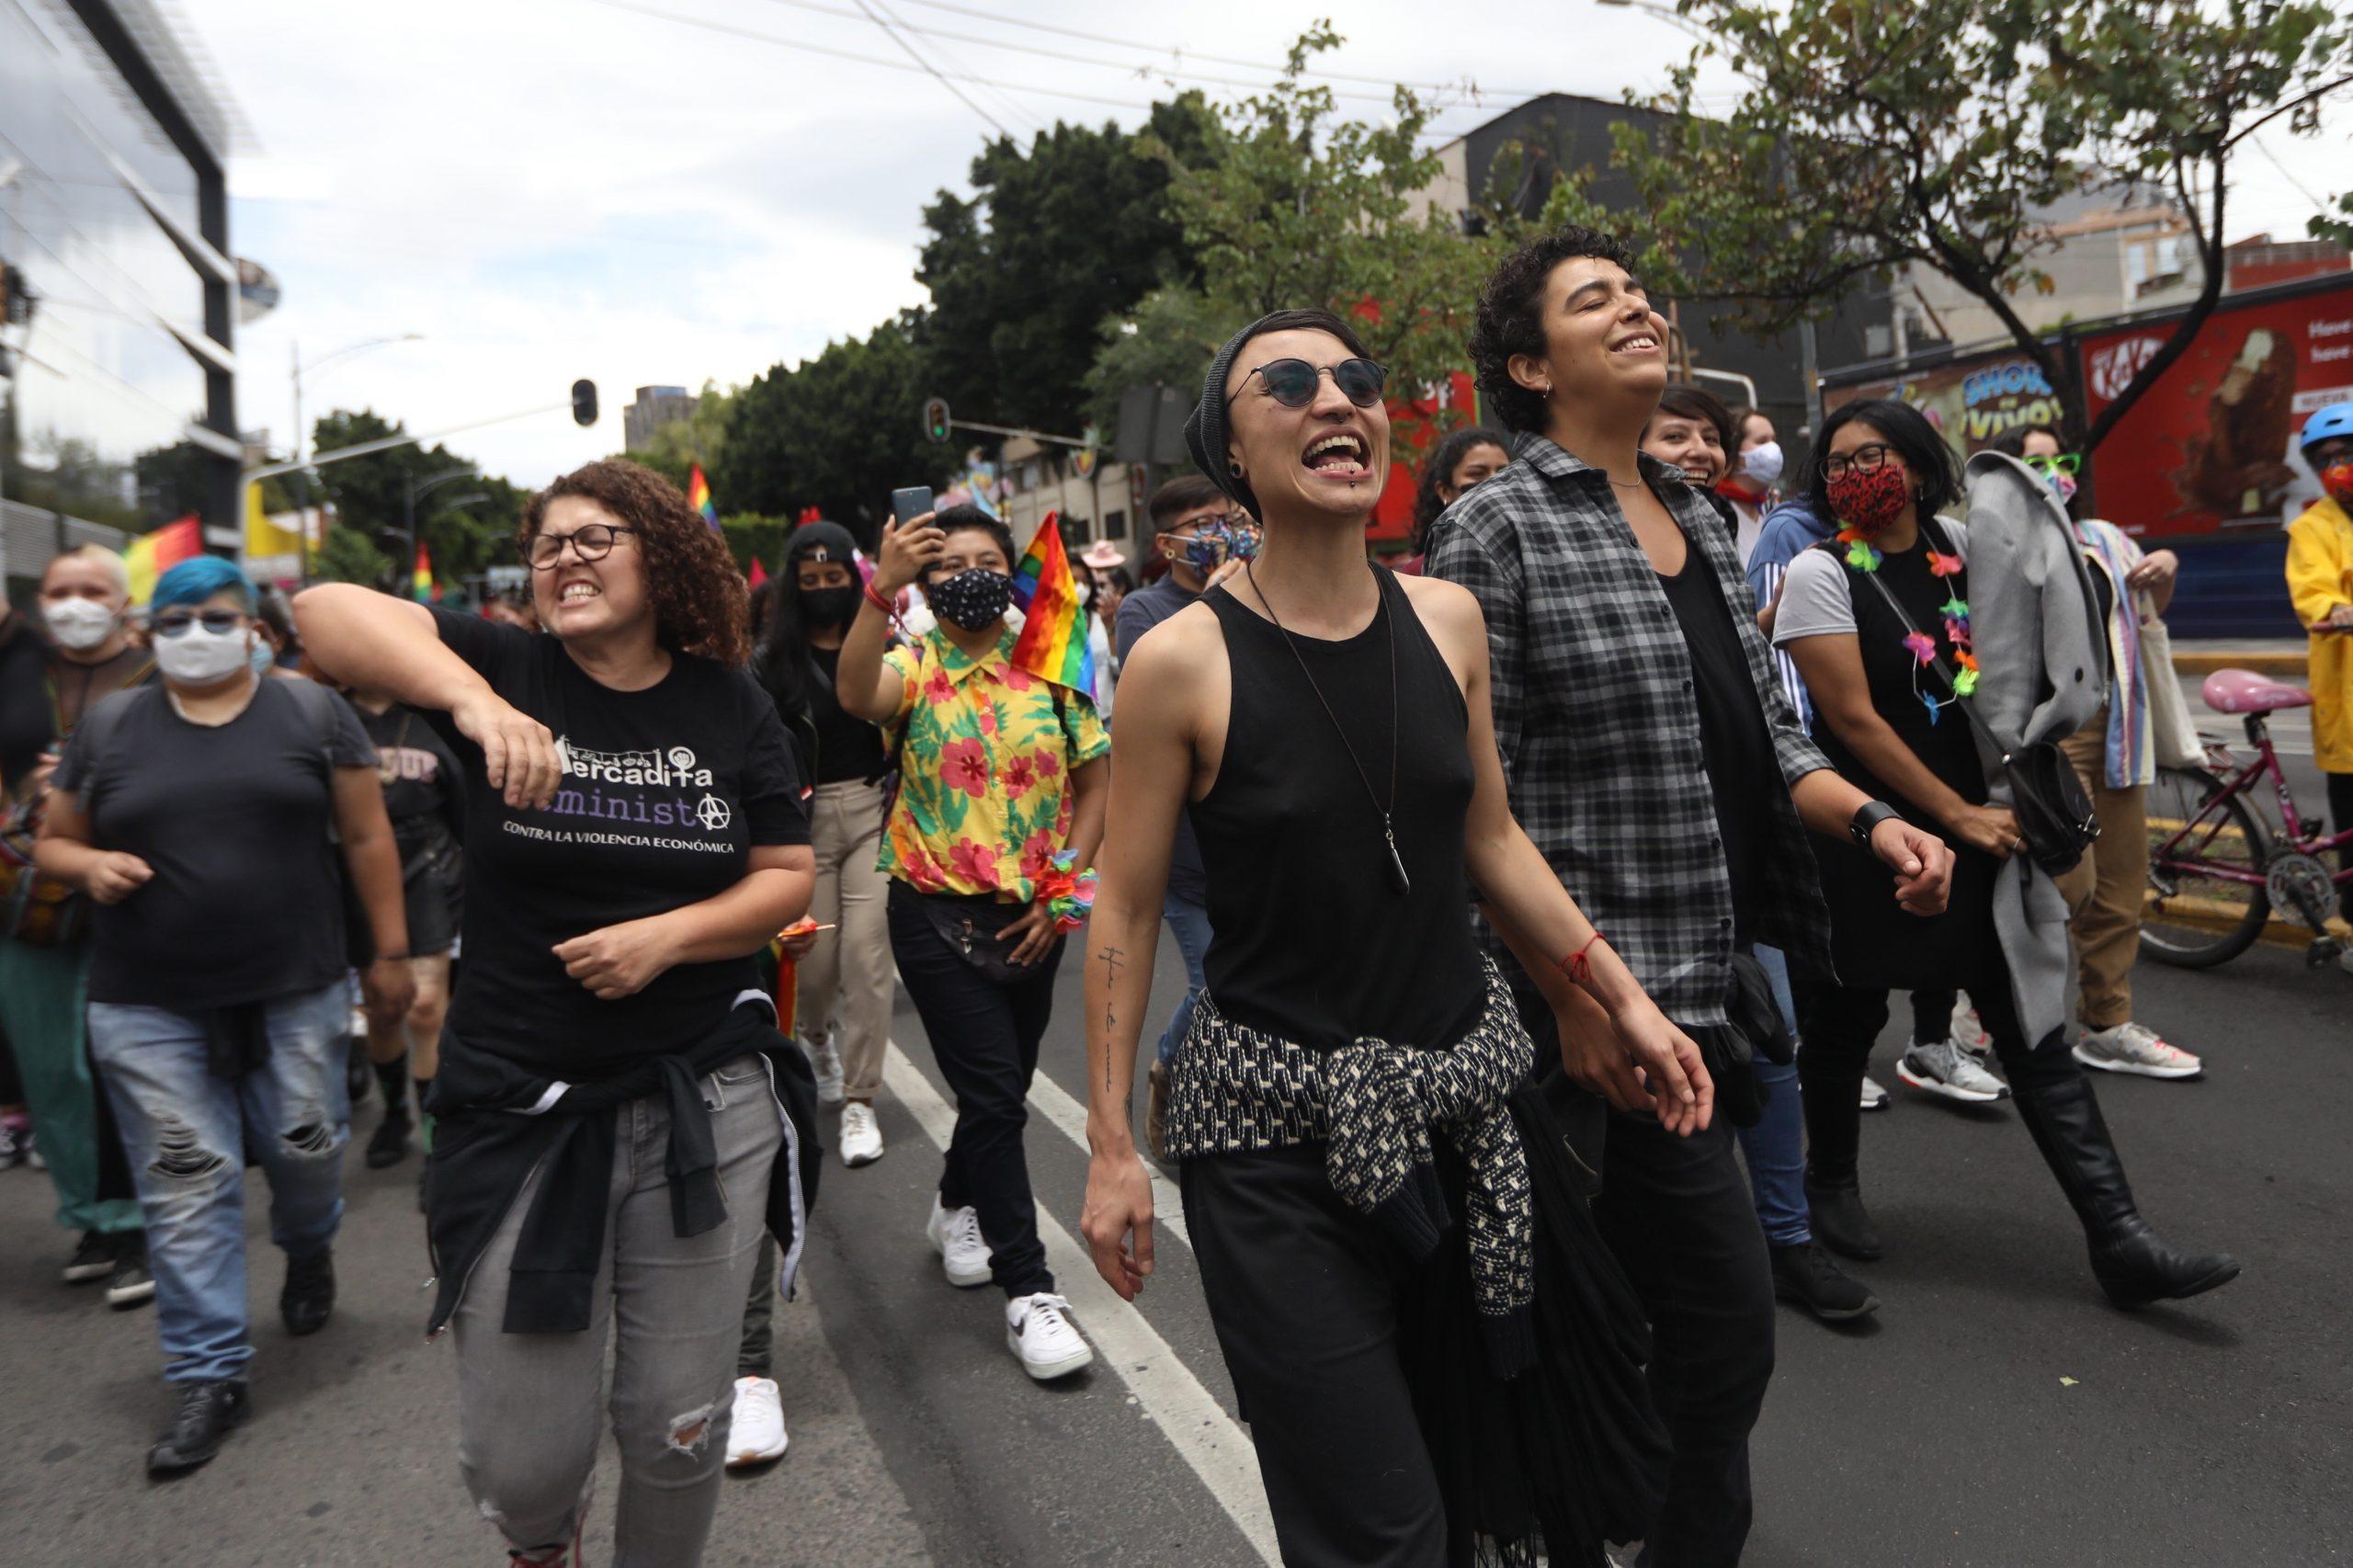 """Colectivos de mujeres participan en la primera """"Marcha Lencha"""", en busca de espacios para celebrar y visibilizar el amor entre mujeres en Ciudad de México. Mexicanas lesbianas y trans reivindicaron este sábado sus derechos y se manifestaron contra la violencia con la primera """"Marcha Lencha"""", como se conoce en el país a la homosexualidad femenina. Foto de EFE/Sáshenka Gutiérrez."""